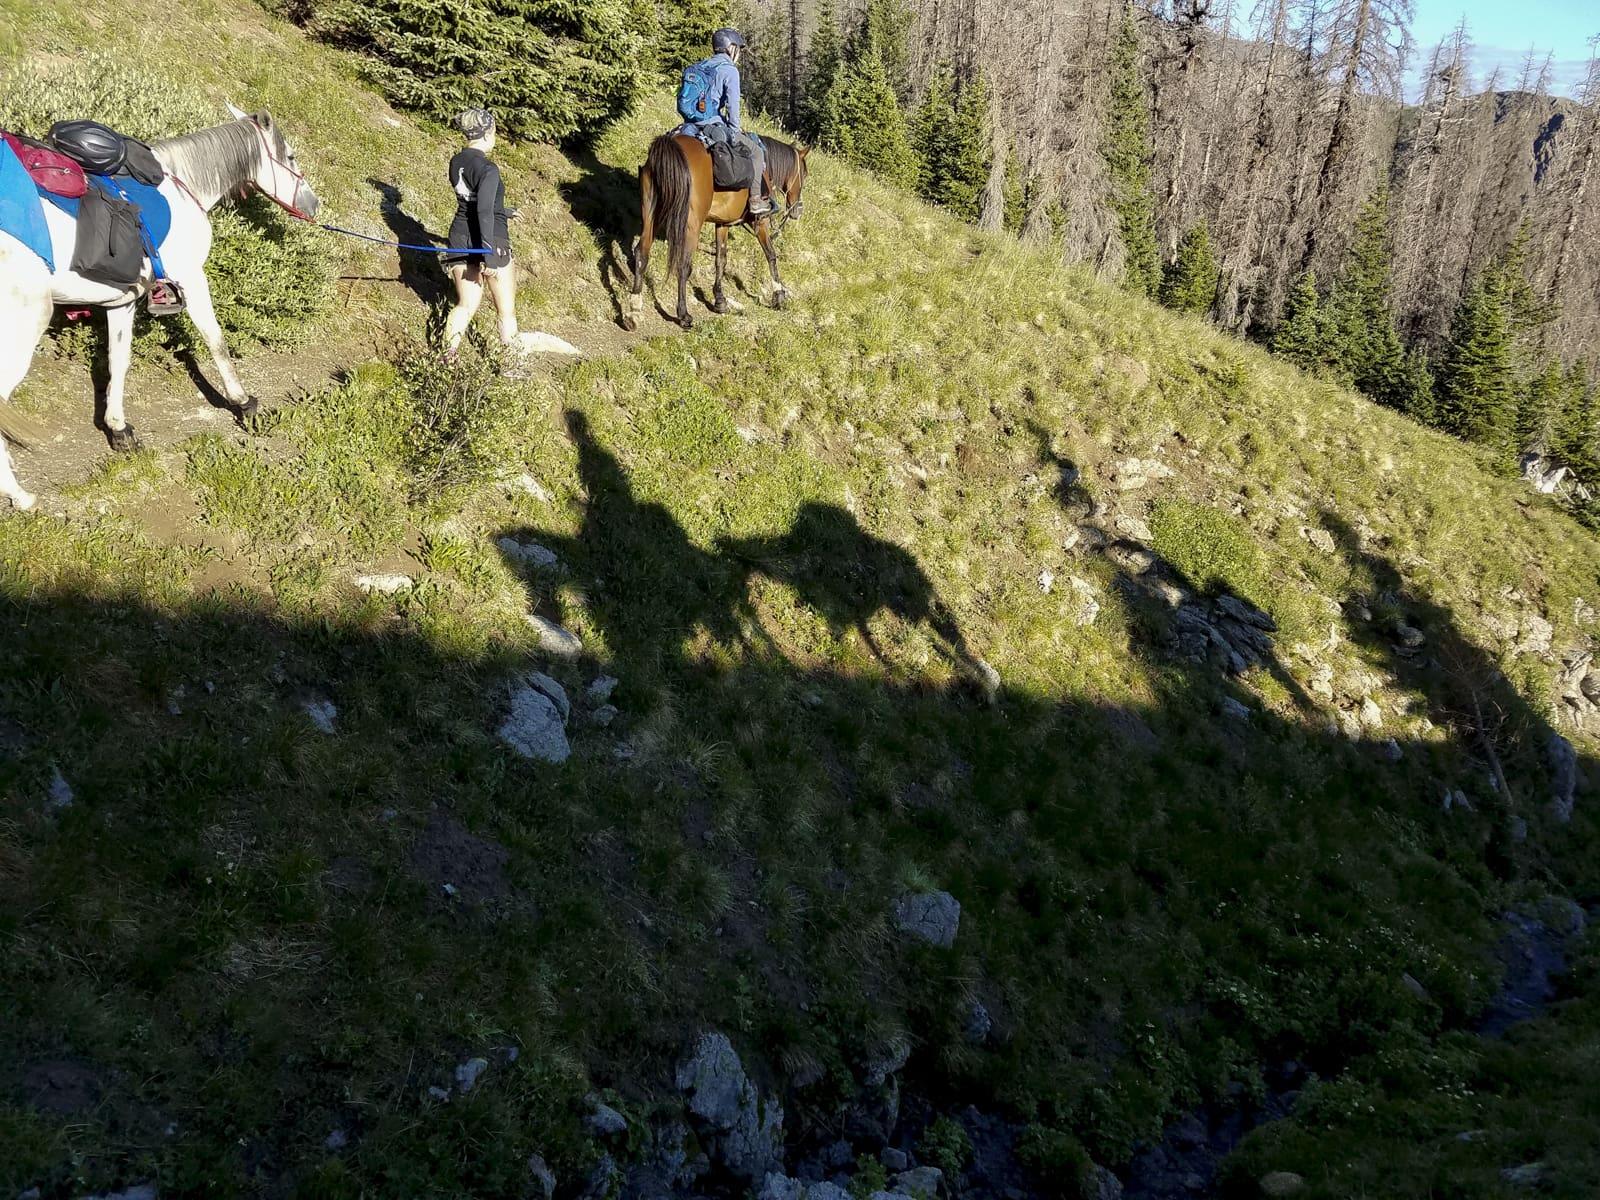 Horseback Riding Colorado Trail Foundation